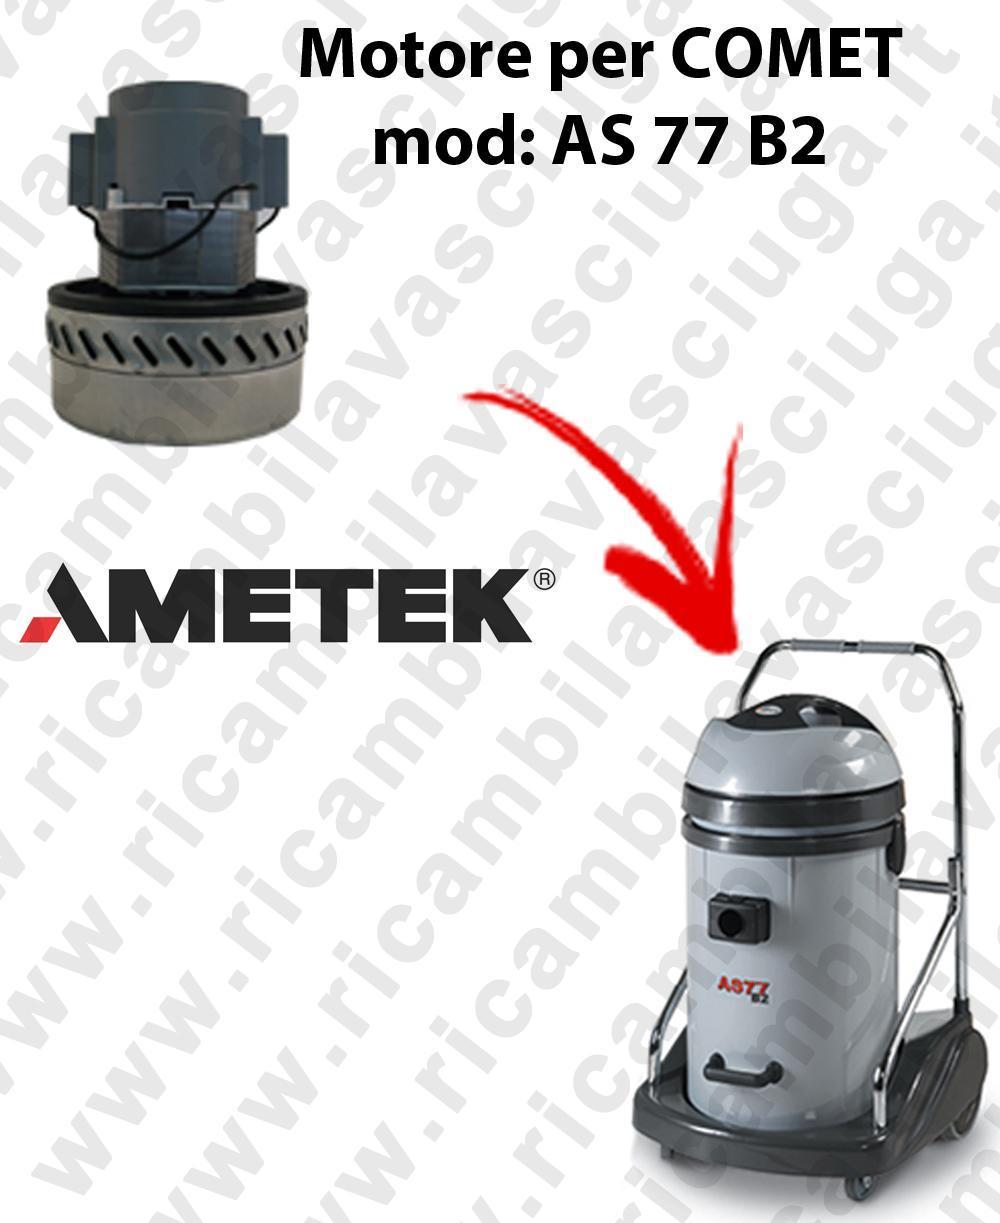 AS 77 B2  MOTEUR ASPIRATION AMETEK  pour aspirateur COMET